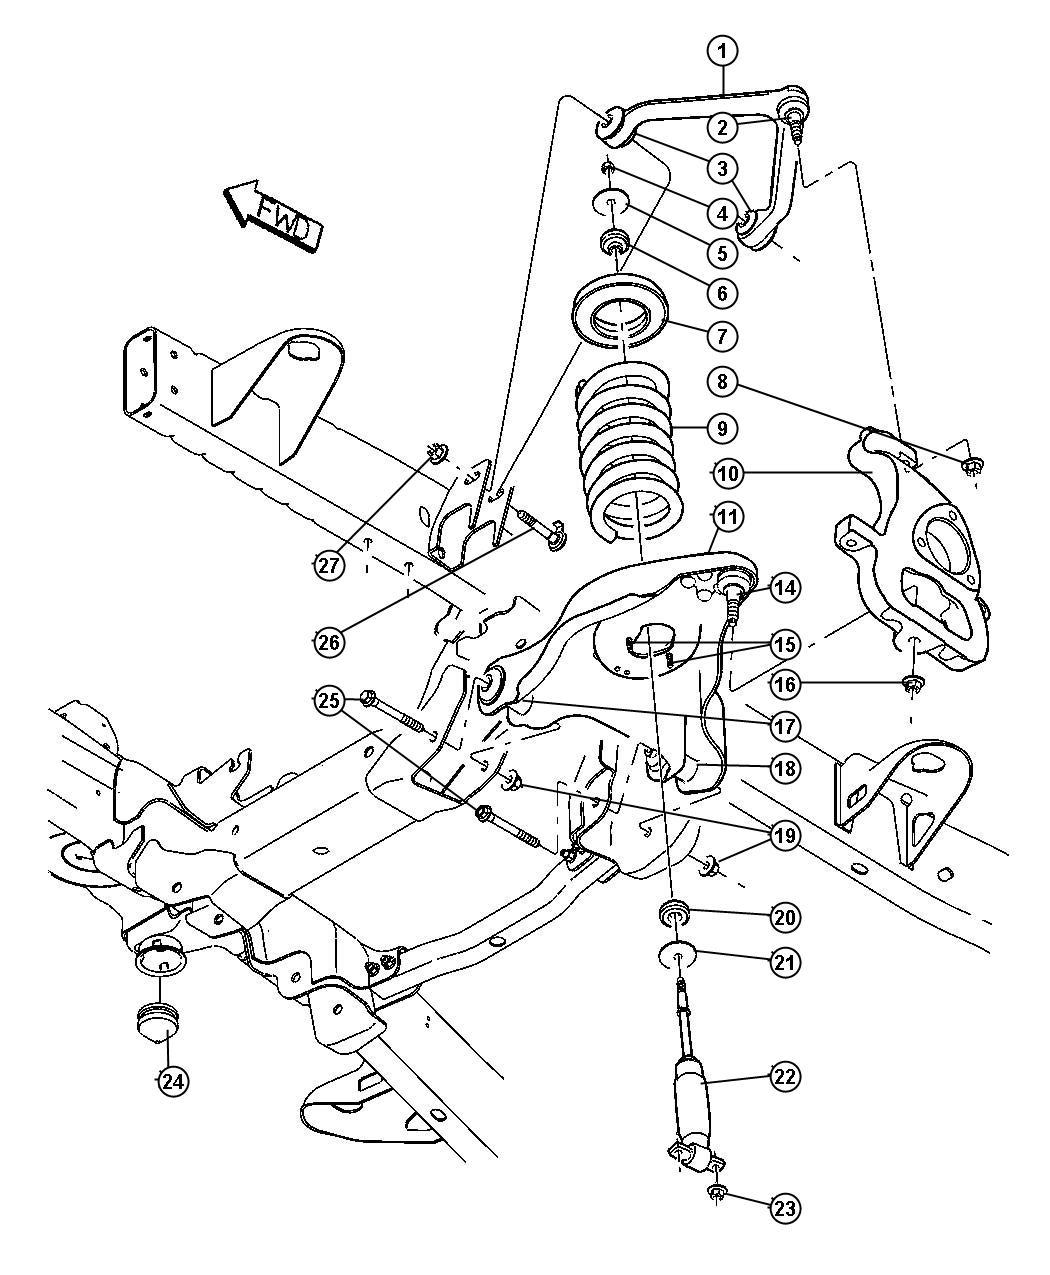 05 f350 front suspension diagram